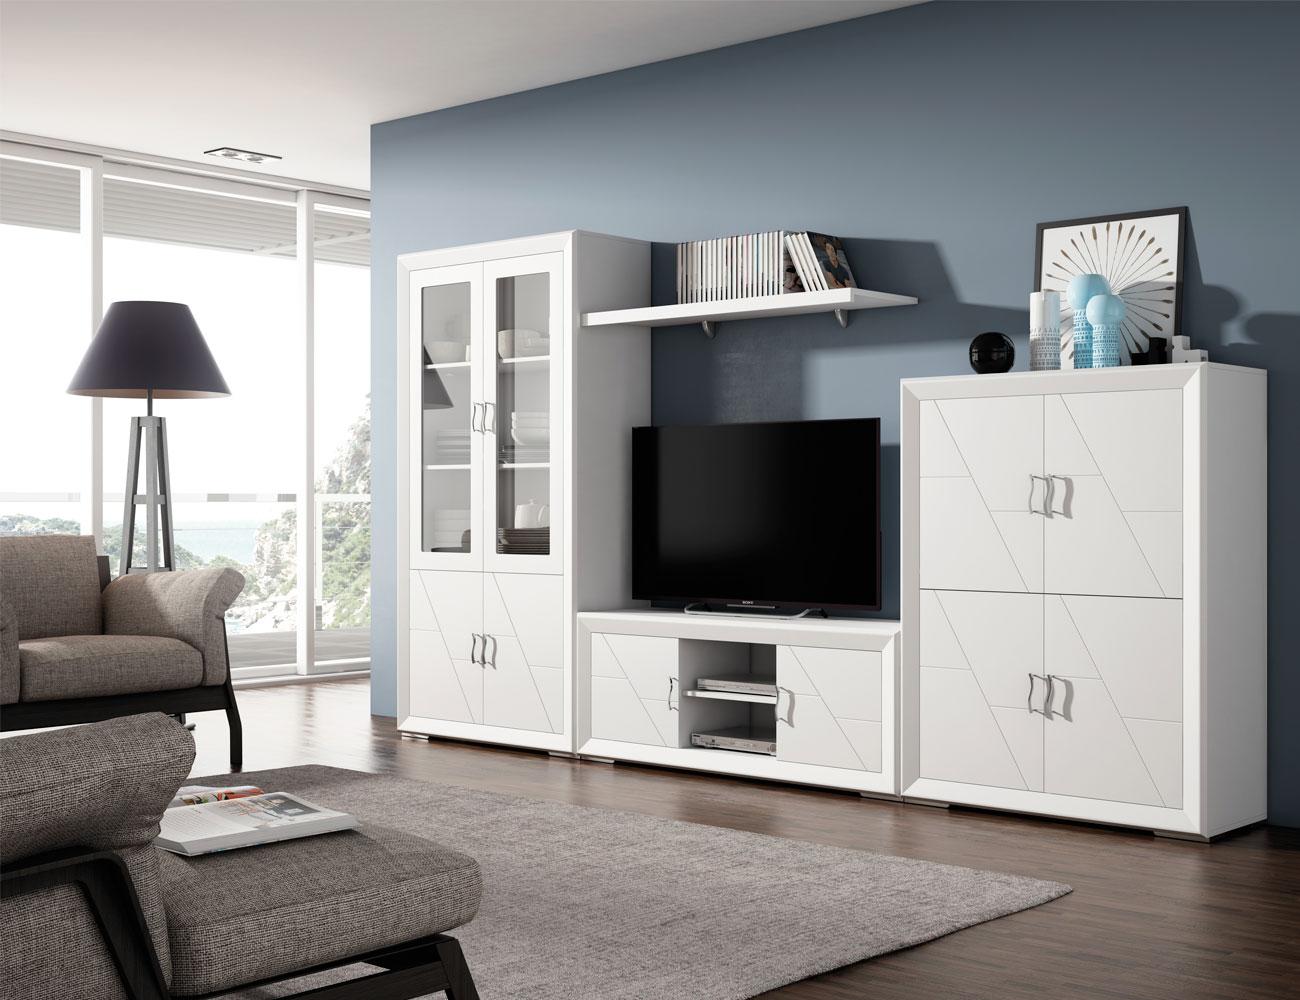 Muebles comedor blanco lacado 20170801200010 for Mueble salon lacado blanco